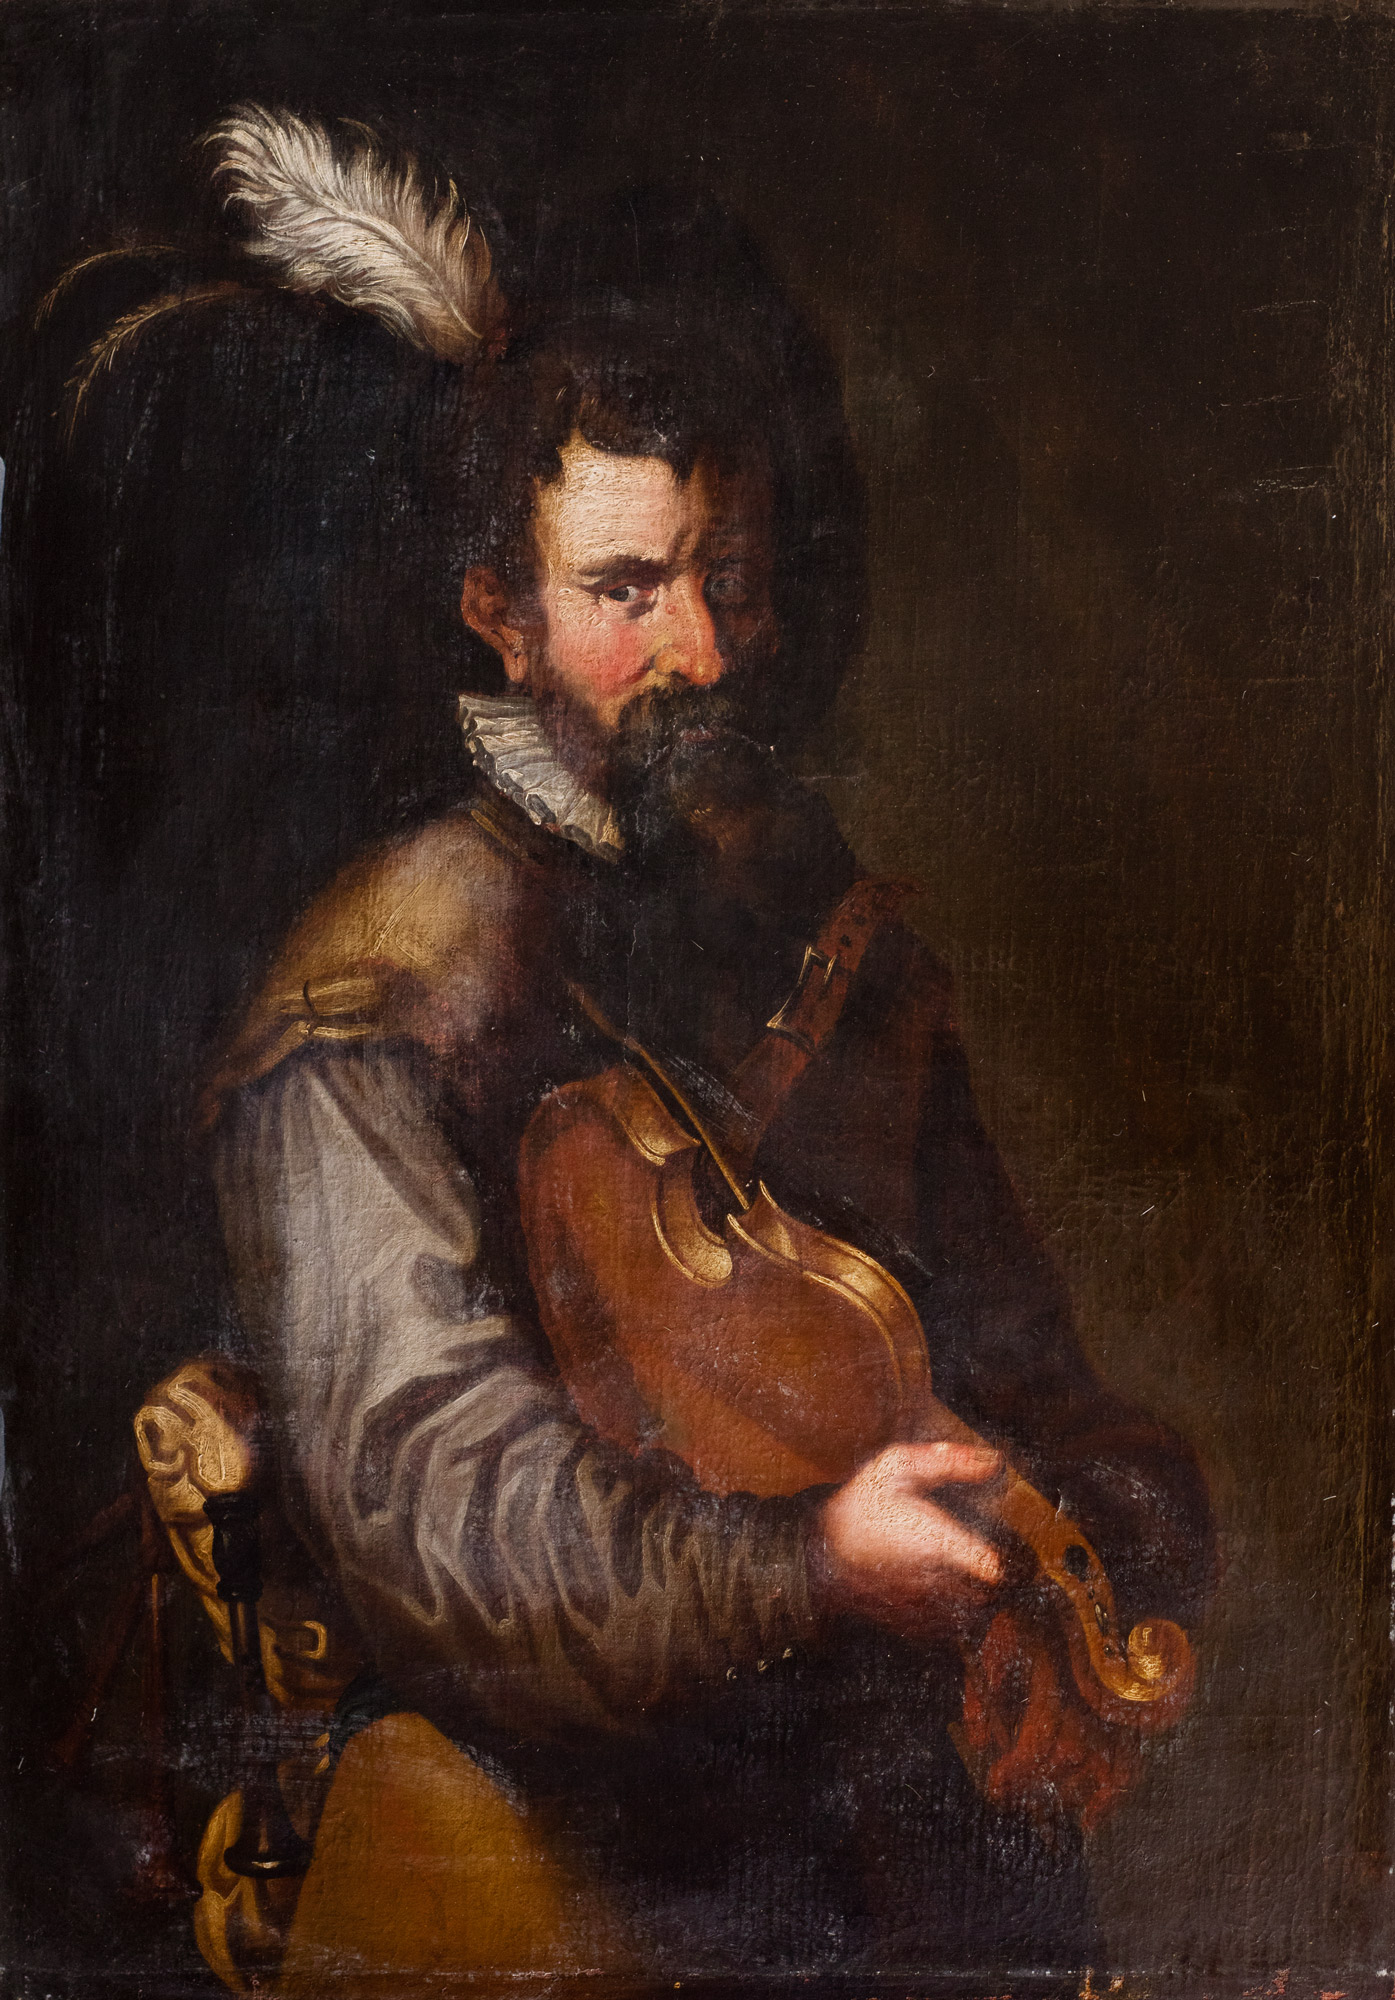 Suonatore di violino con cappello piumato